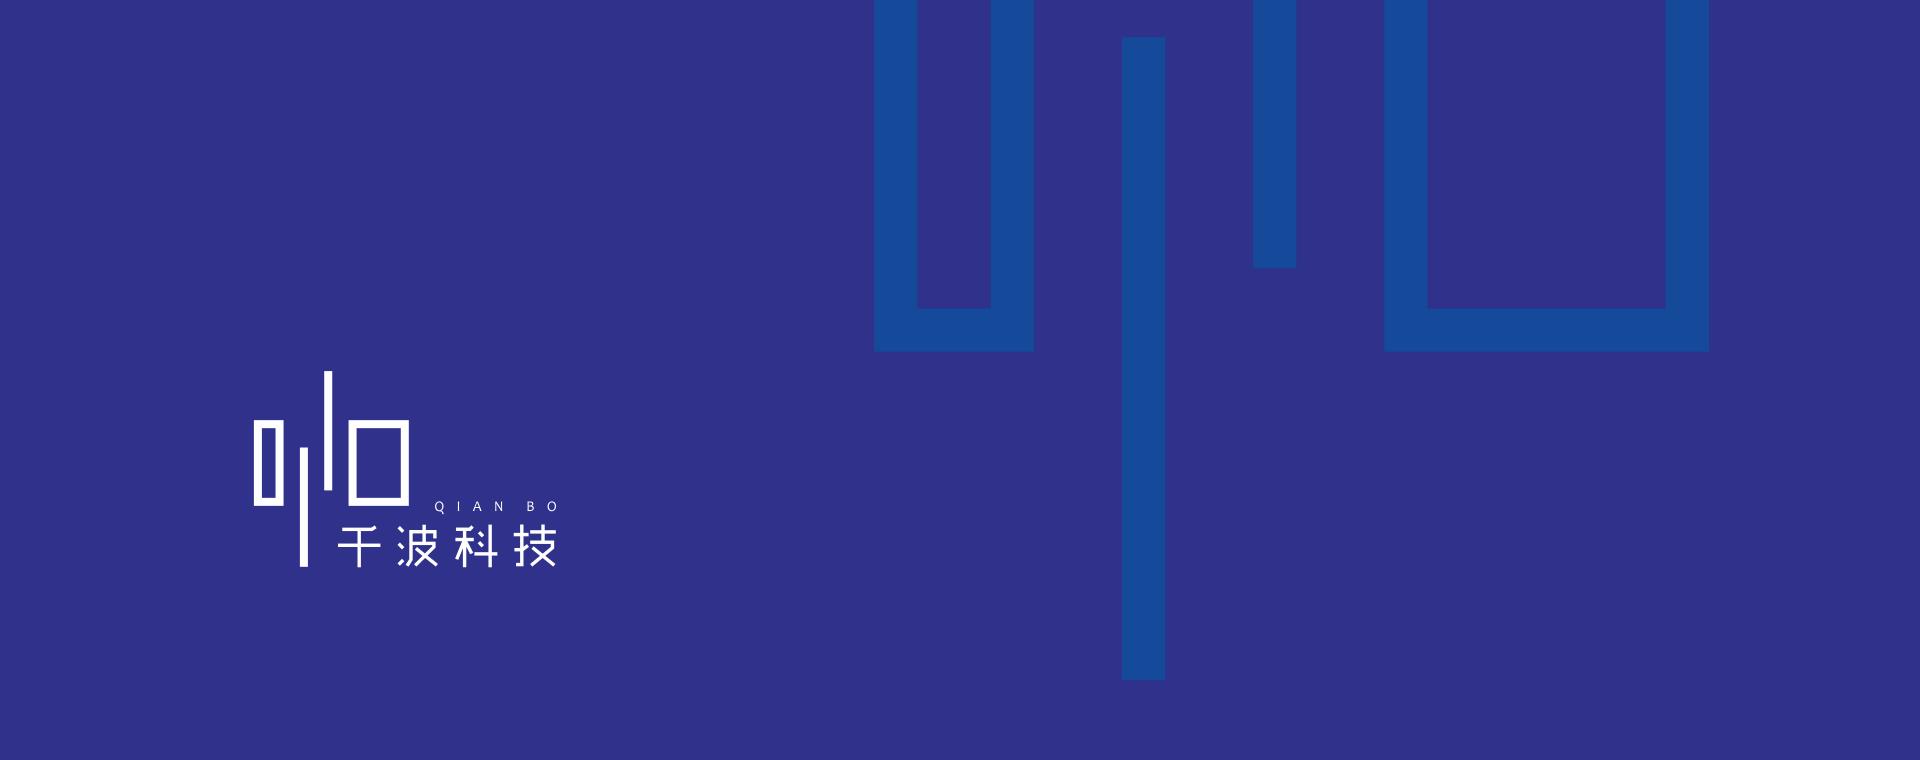 千波科技logo设计